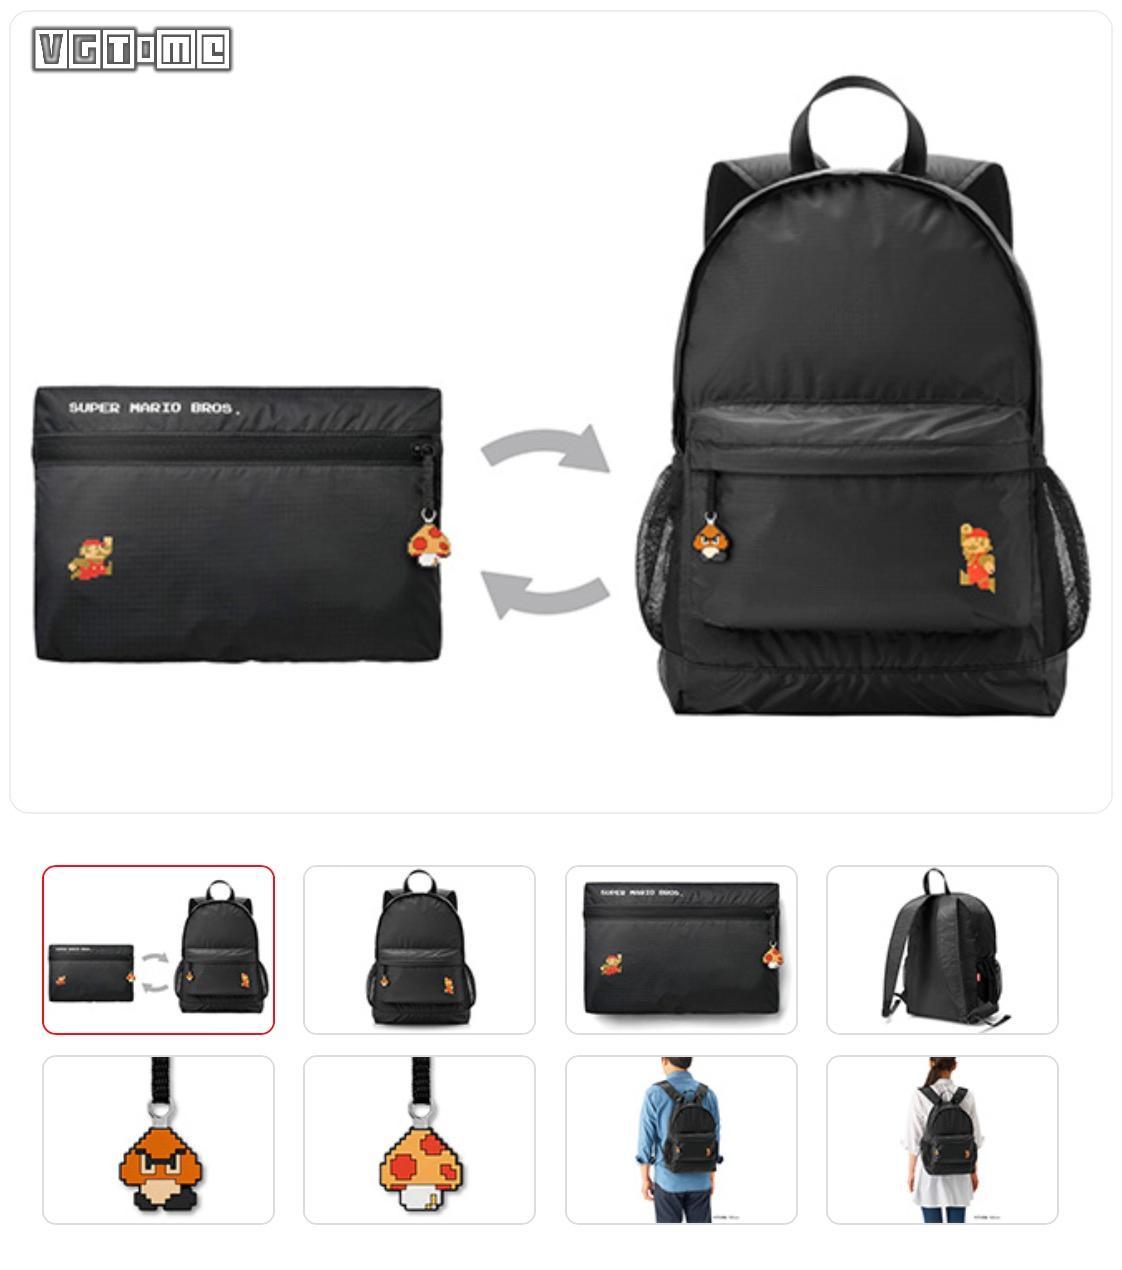 任天堂今夏将推出一大波「马力欧」主题旅行产品